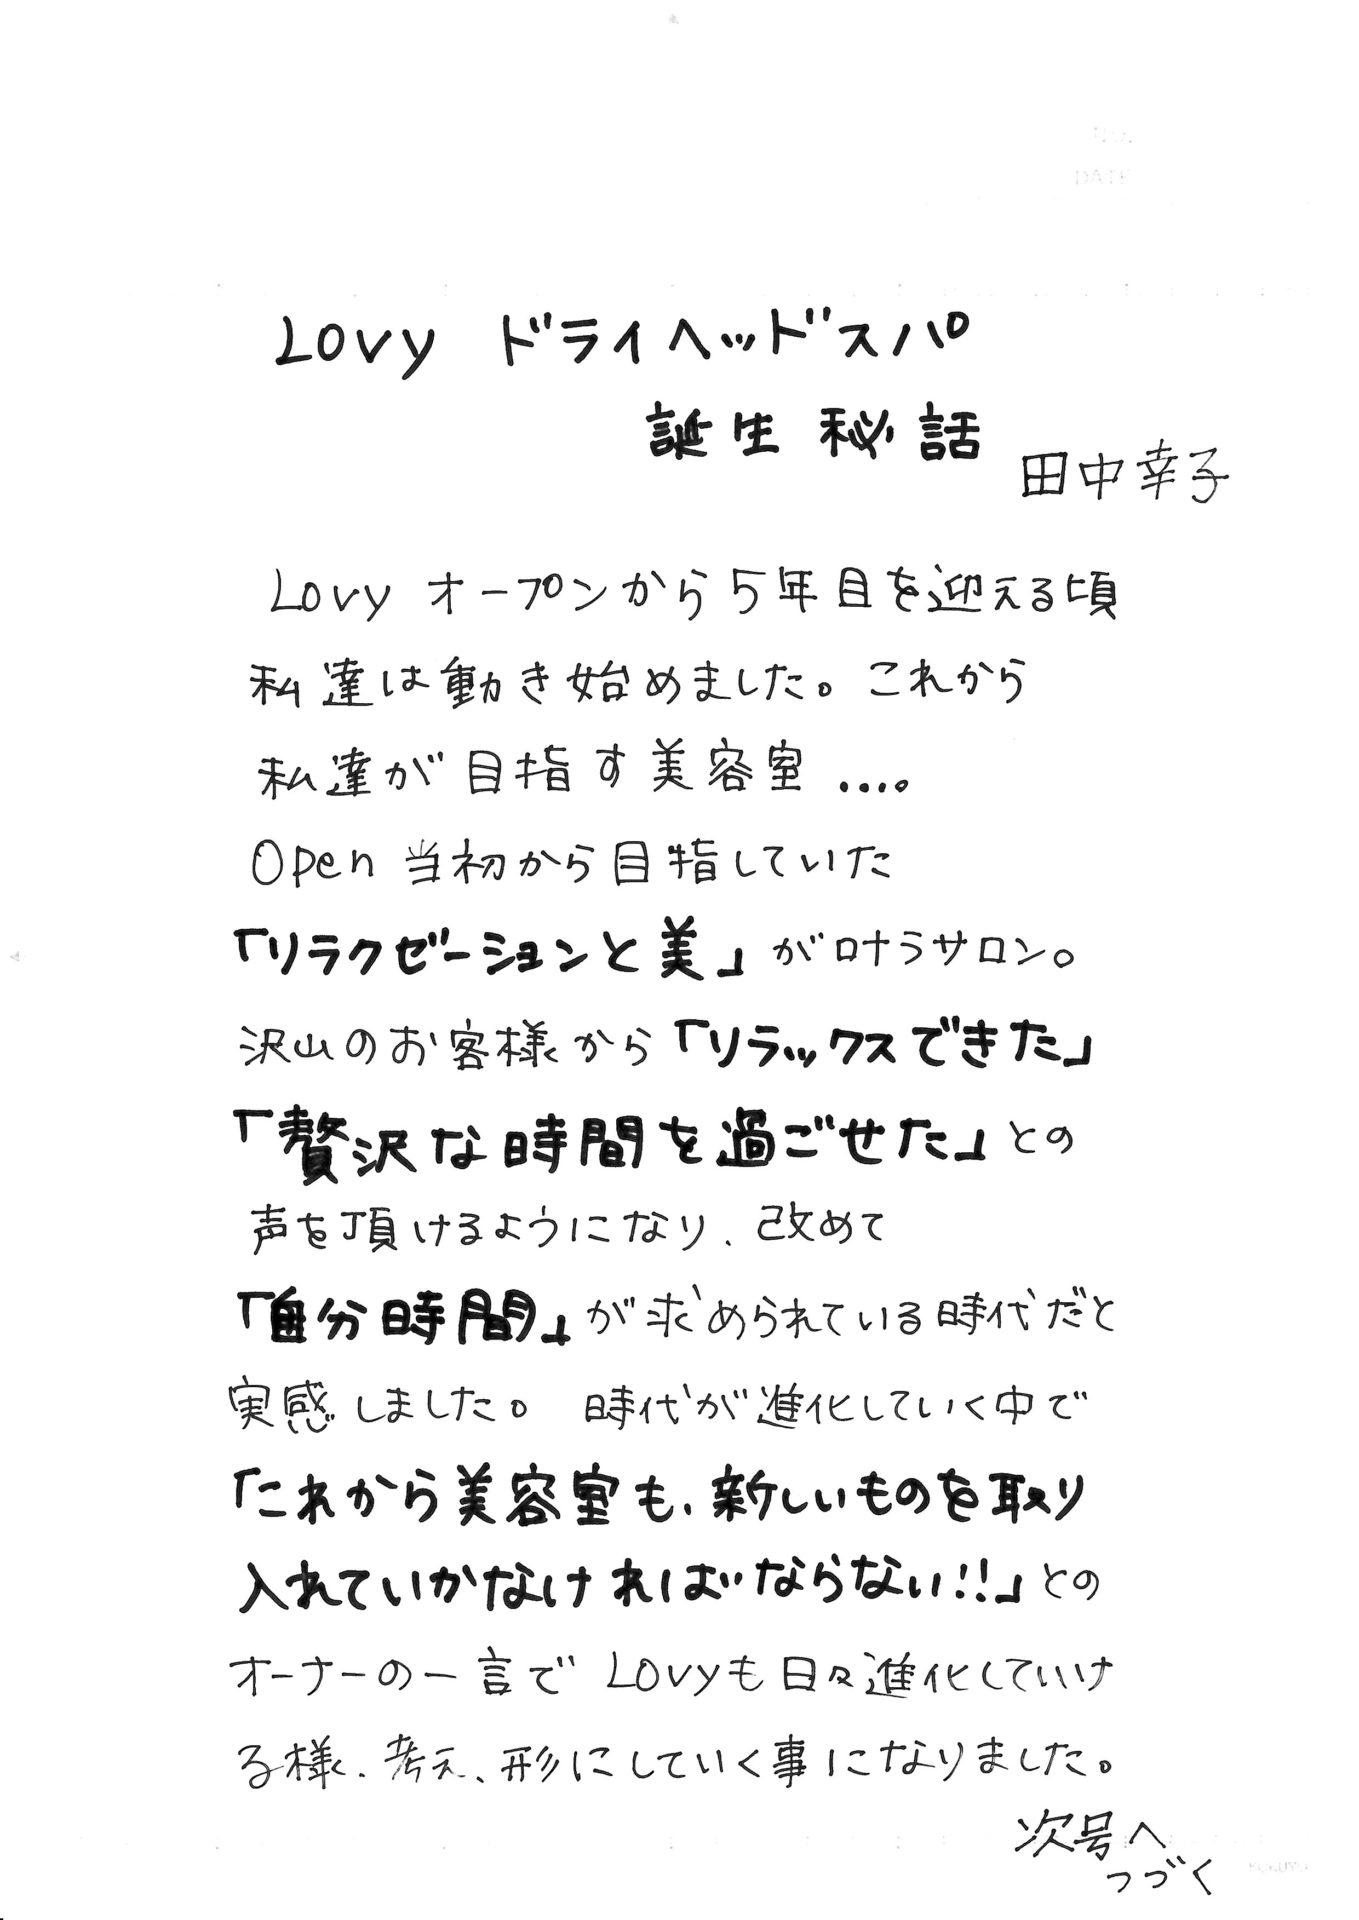 Lovy新聞 ドライヘッドスパ誕生秘話1